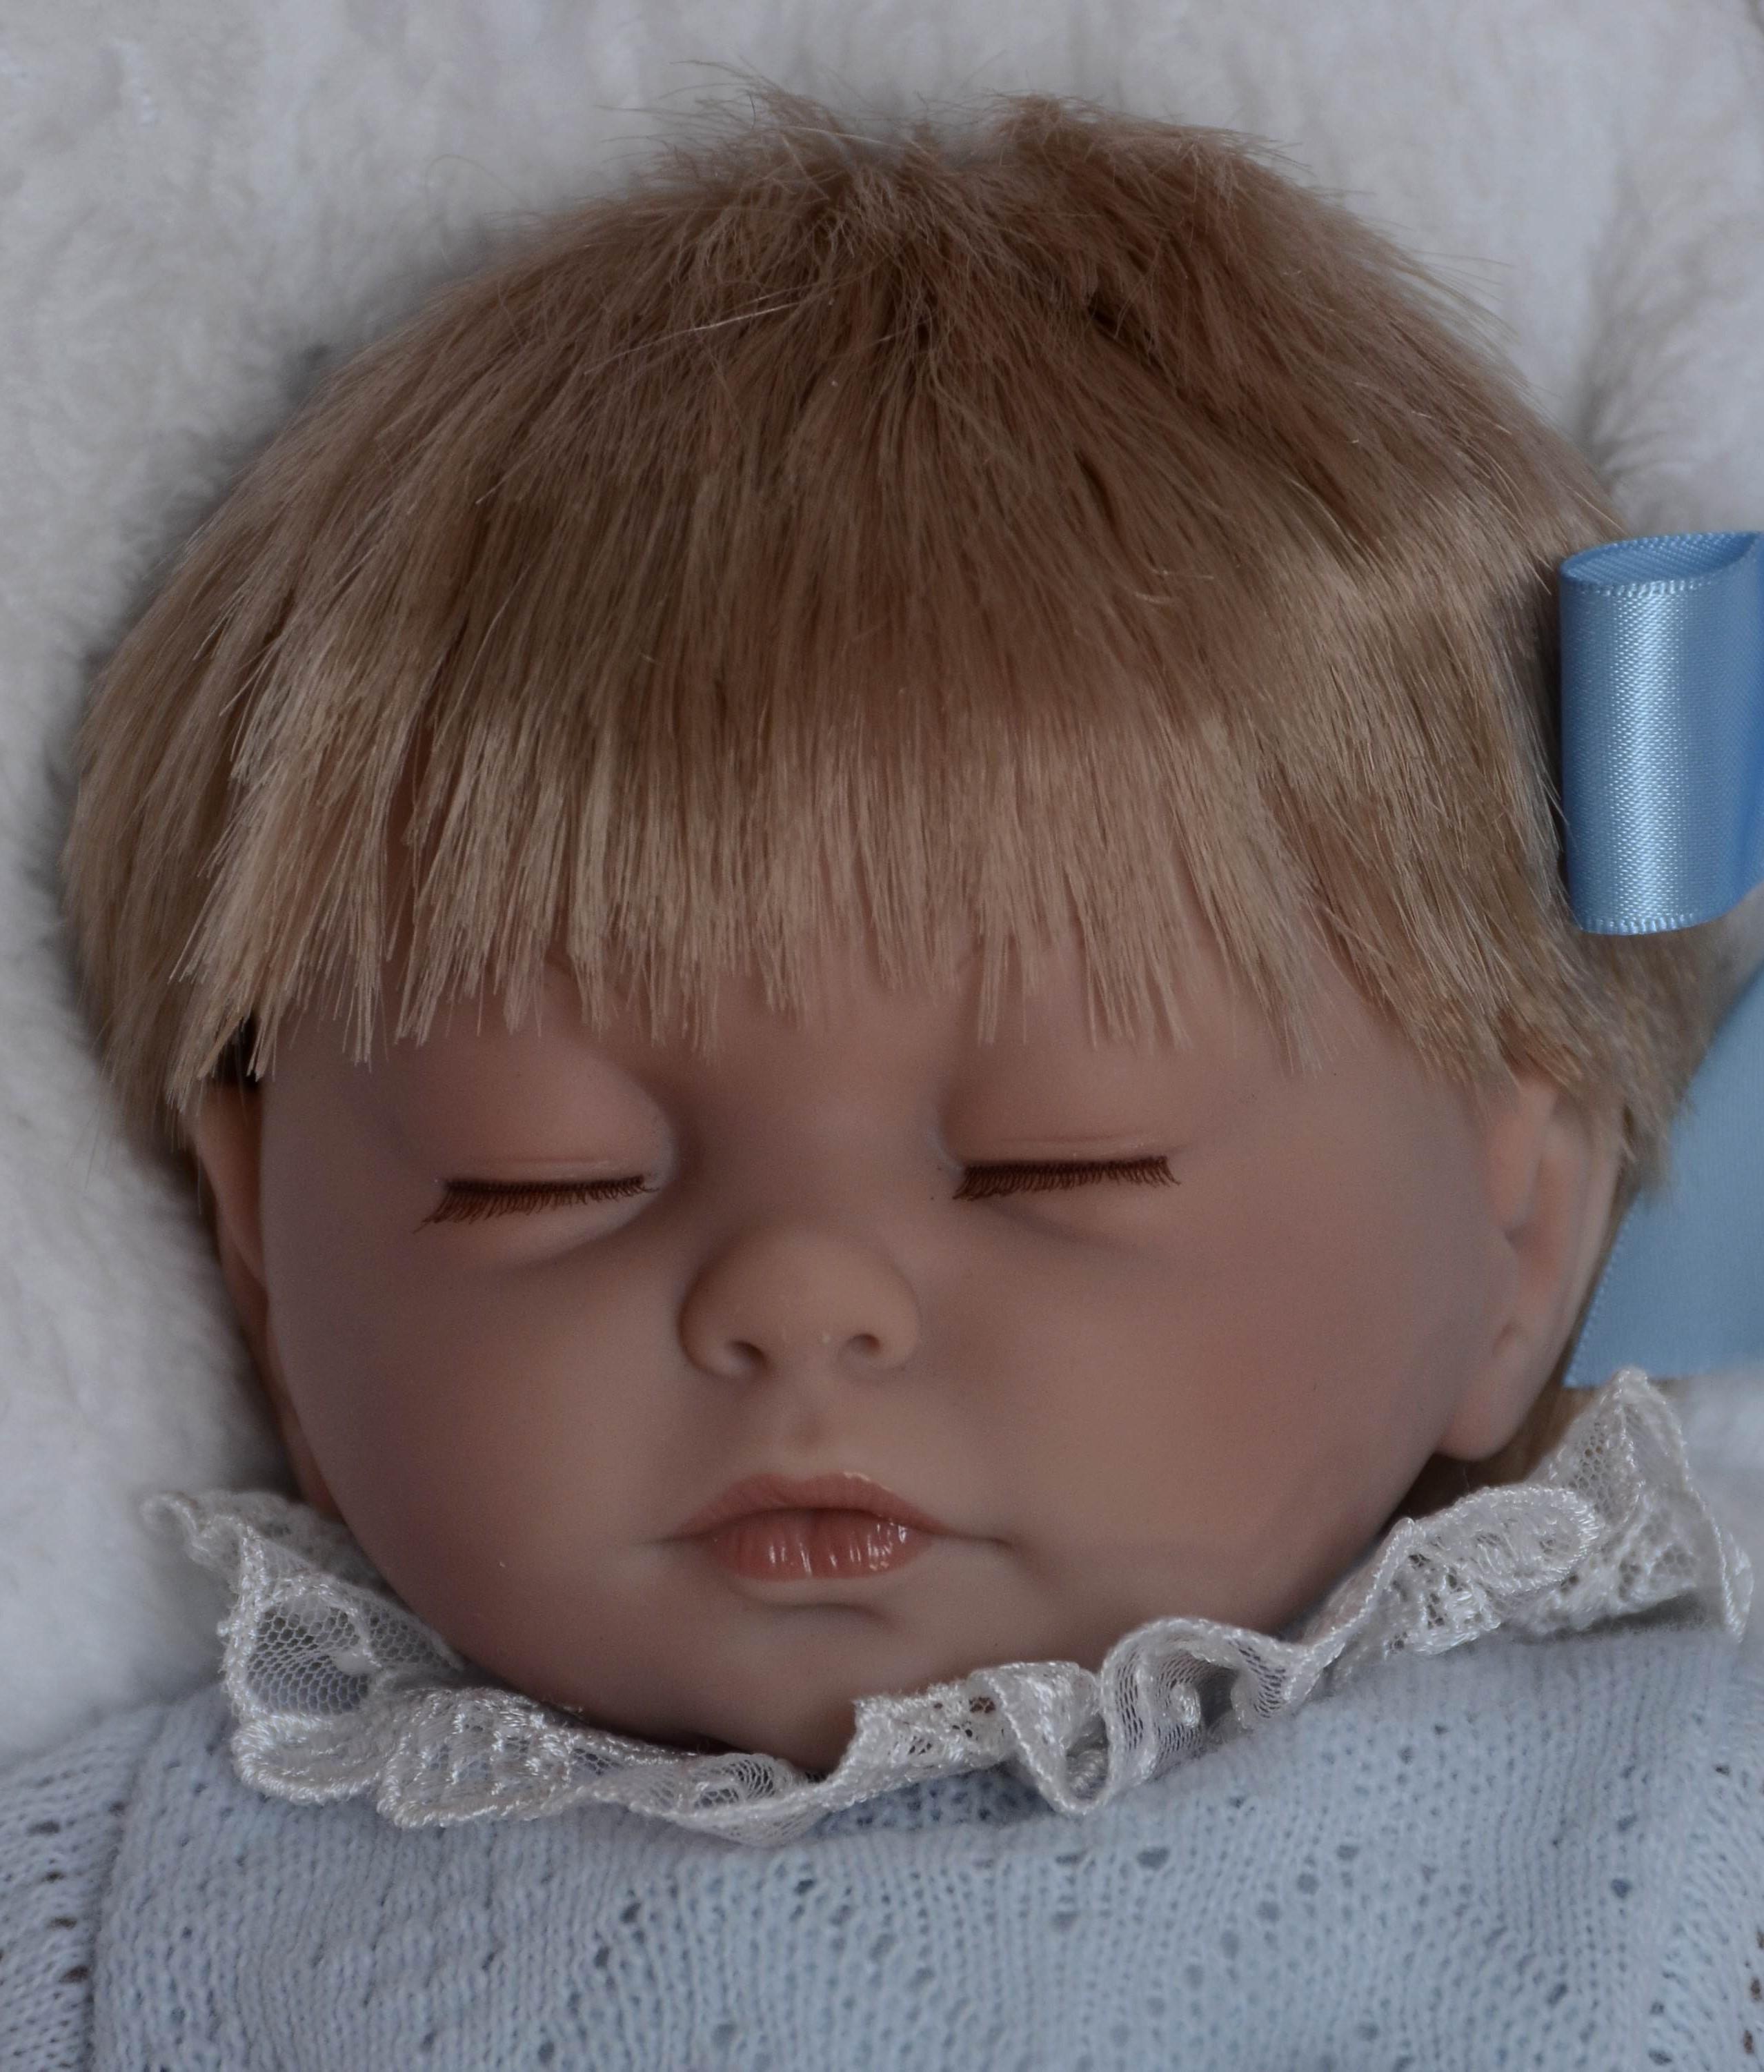 Spící chlapeček Kristián od firmy Guca (Realistické miminko ze Španělska)